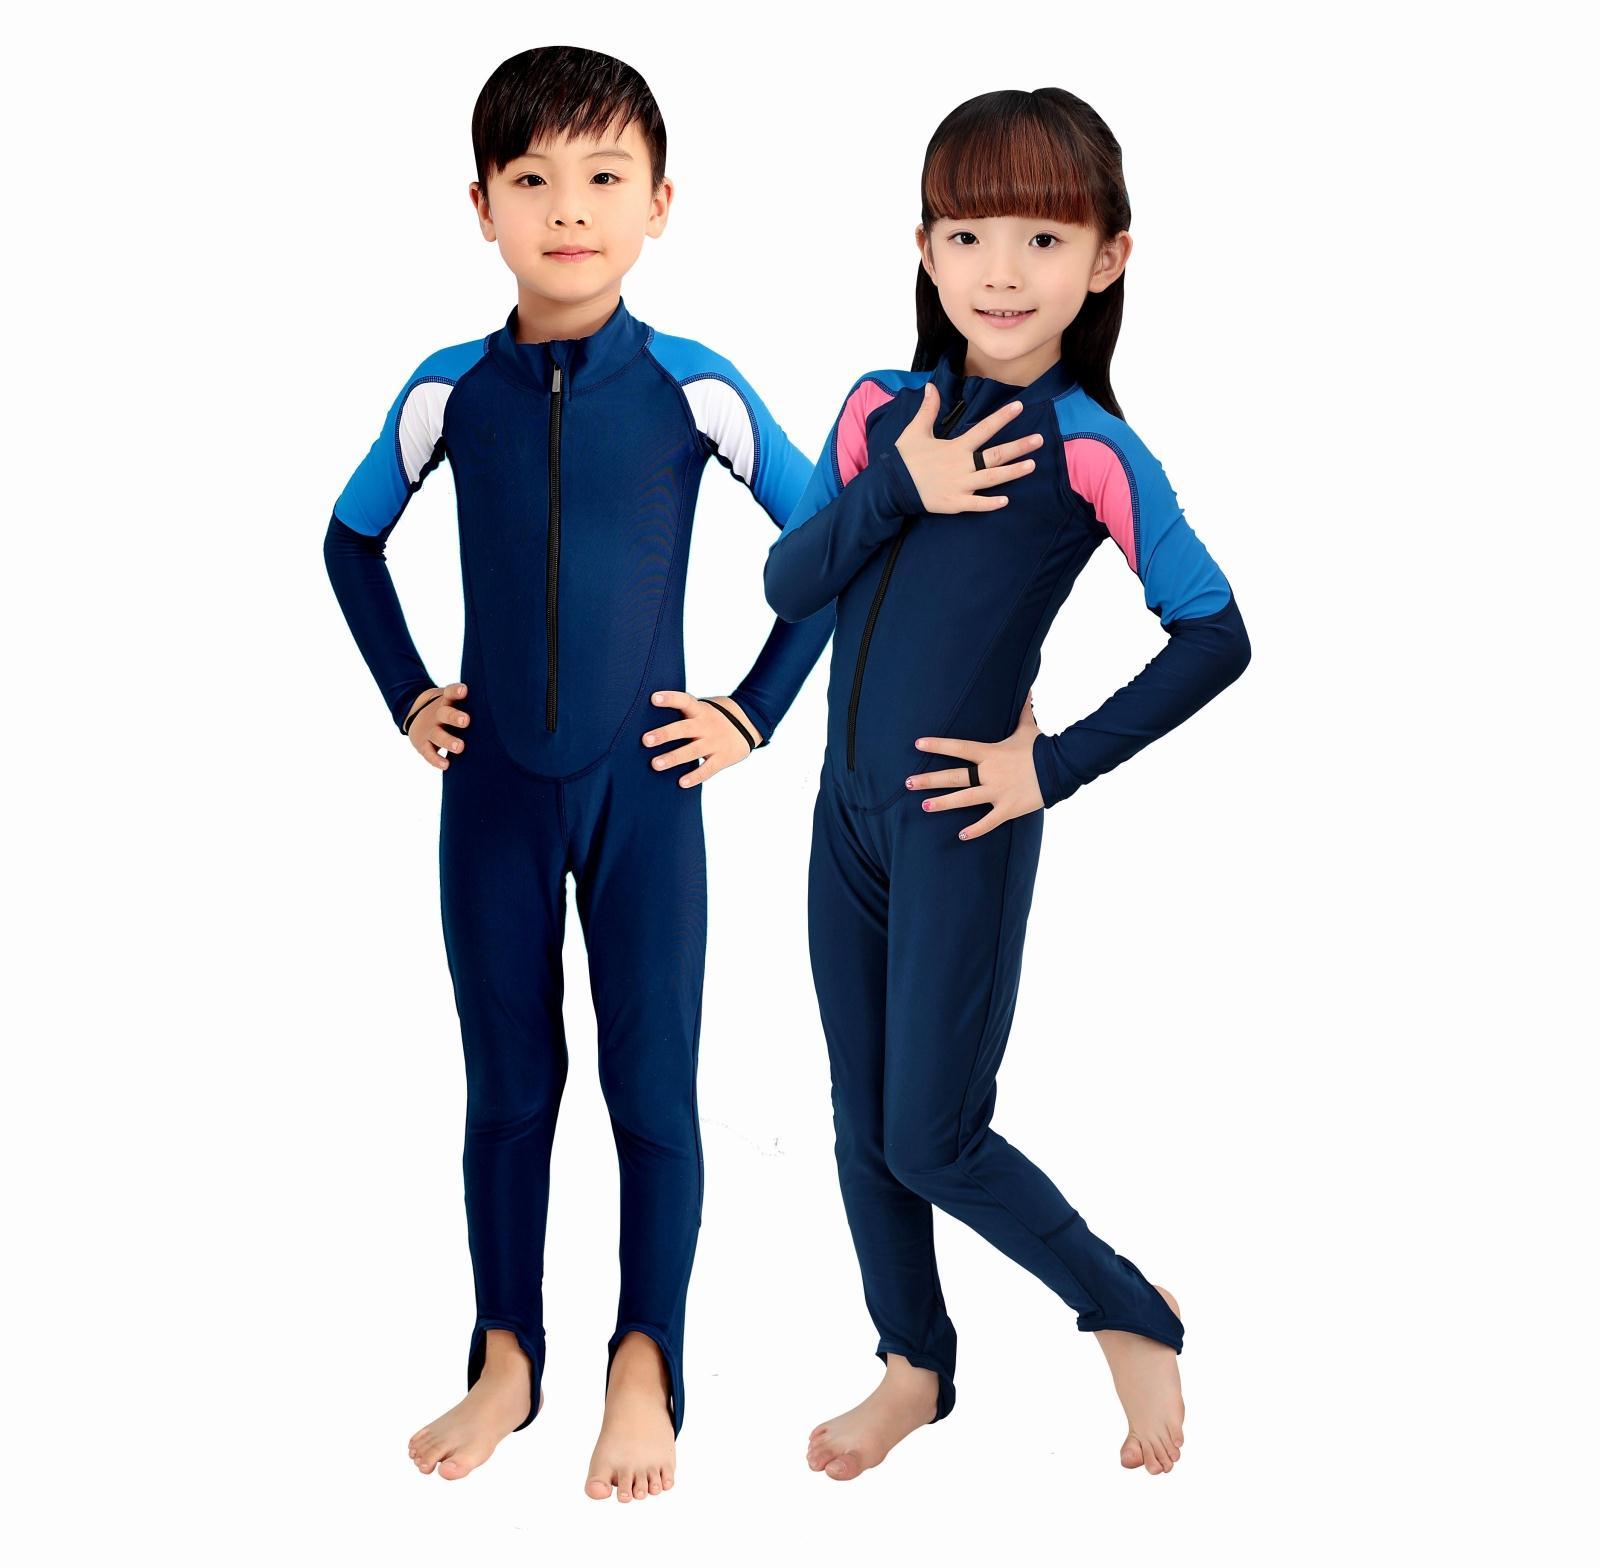 Ребенка гидрокостюм мужчин и женщин ВС платье Длина рукава солнца костюм детей кусок медузы костюмы snorkel костюм кусок